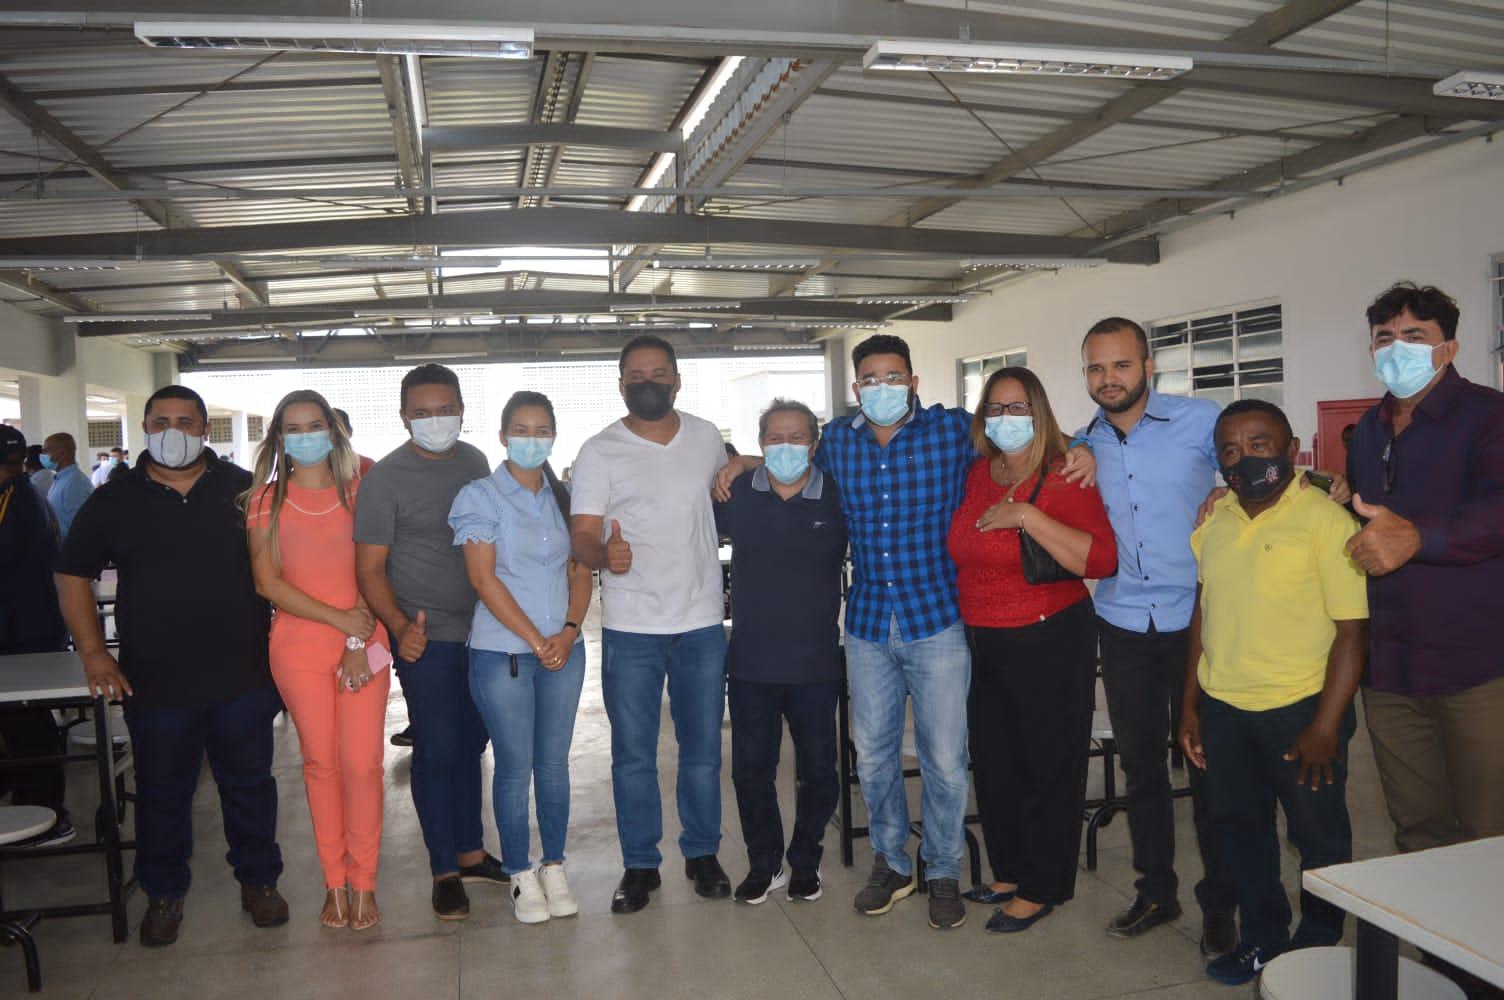 Na manhã de sábado, 24 de julho, vereadores da Câmara Municipal de Peritoró-MA, participaram da inauguração da Unidade Plena do Instituto Estadual de Educação, Ciência e Tecnologia do Maranhão (IEMA) de Coroatá.